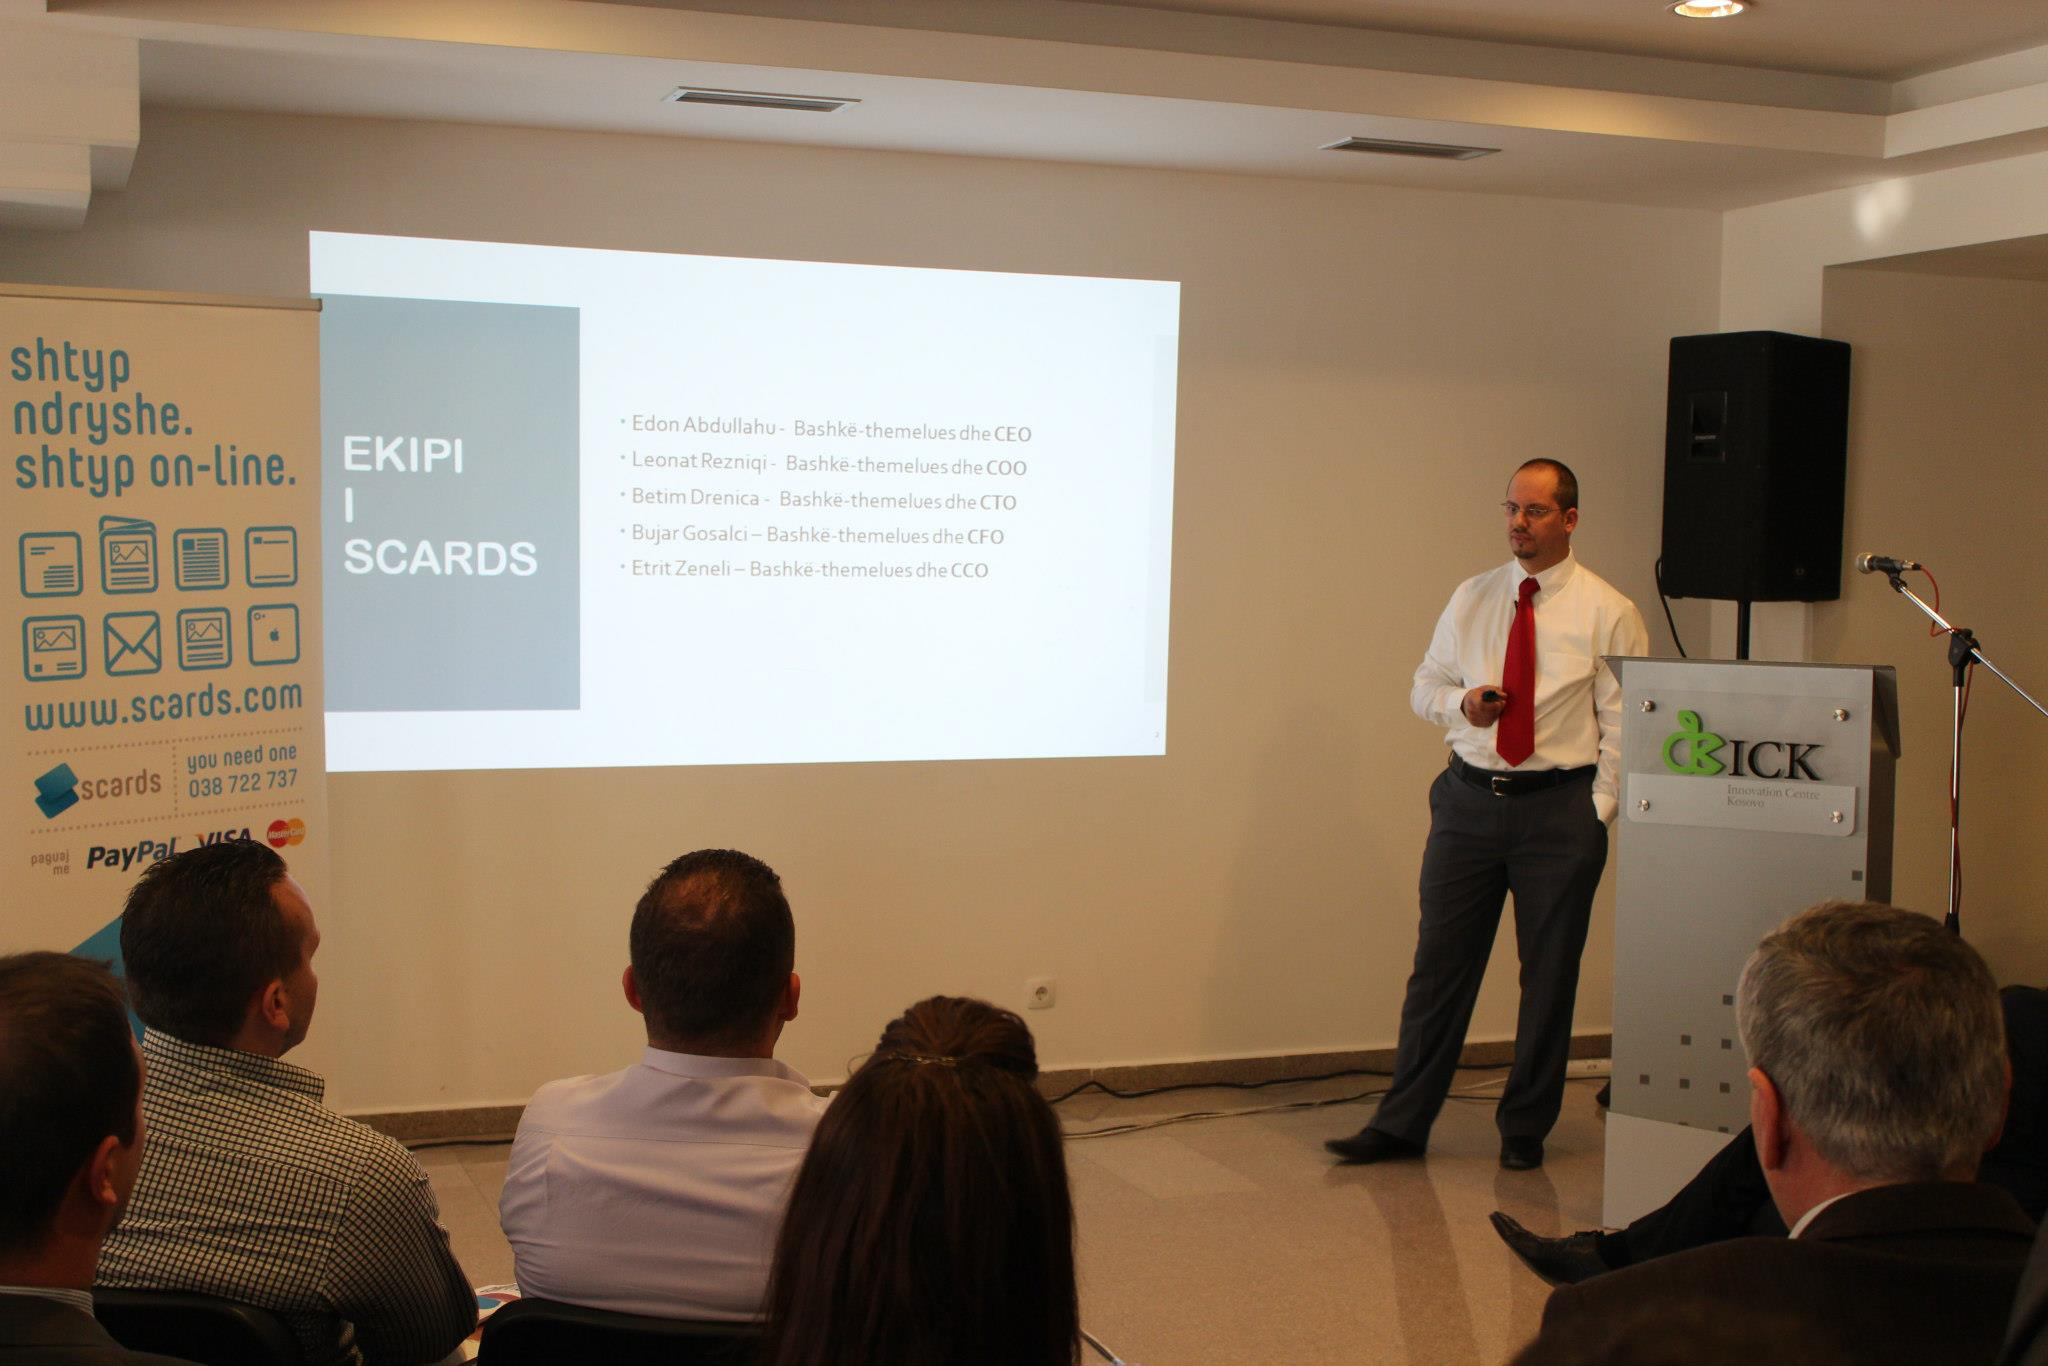 Inagurohet Scards, kompania më inovative shqiptare në industrinë e shtypit